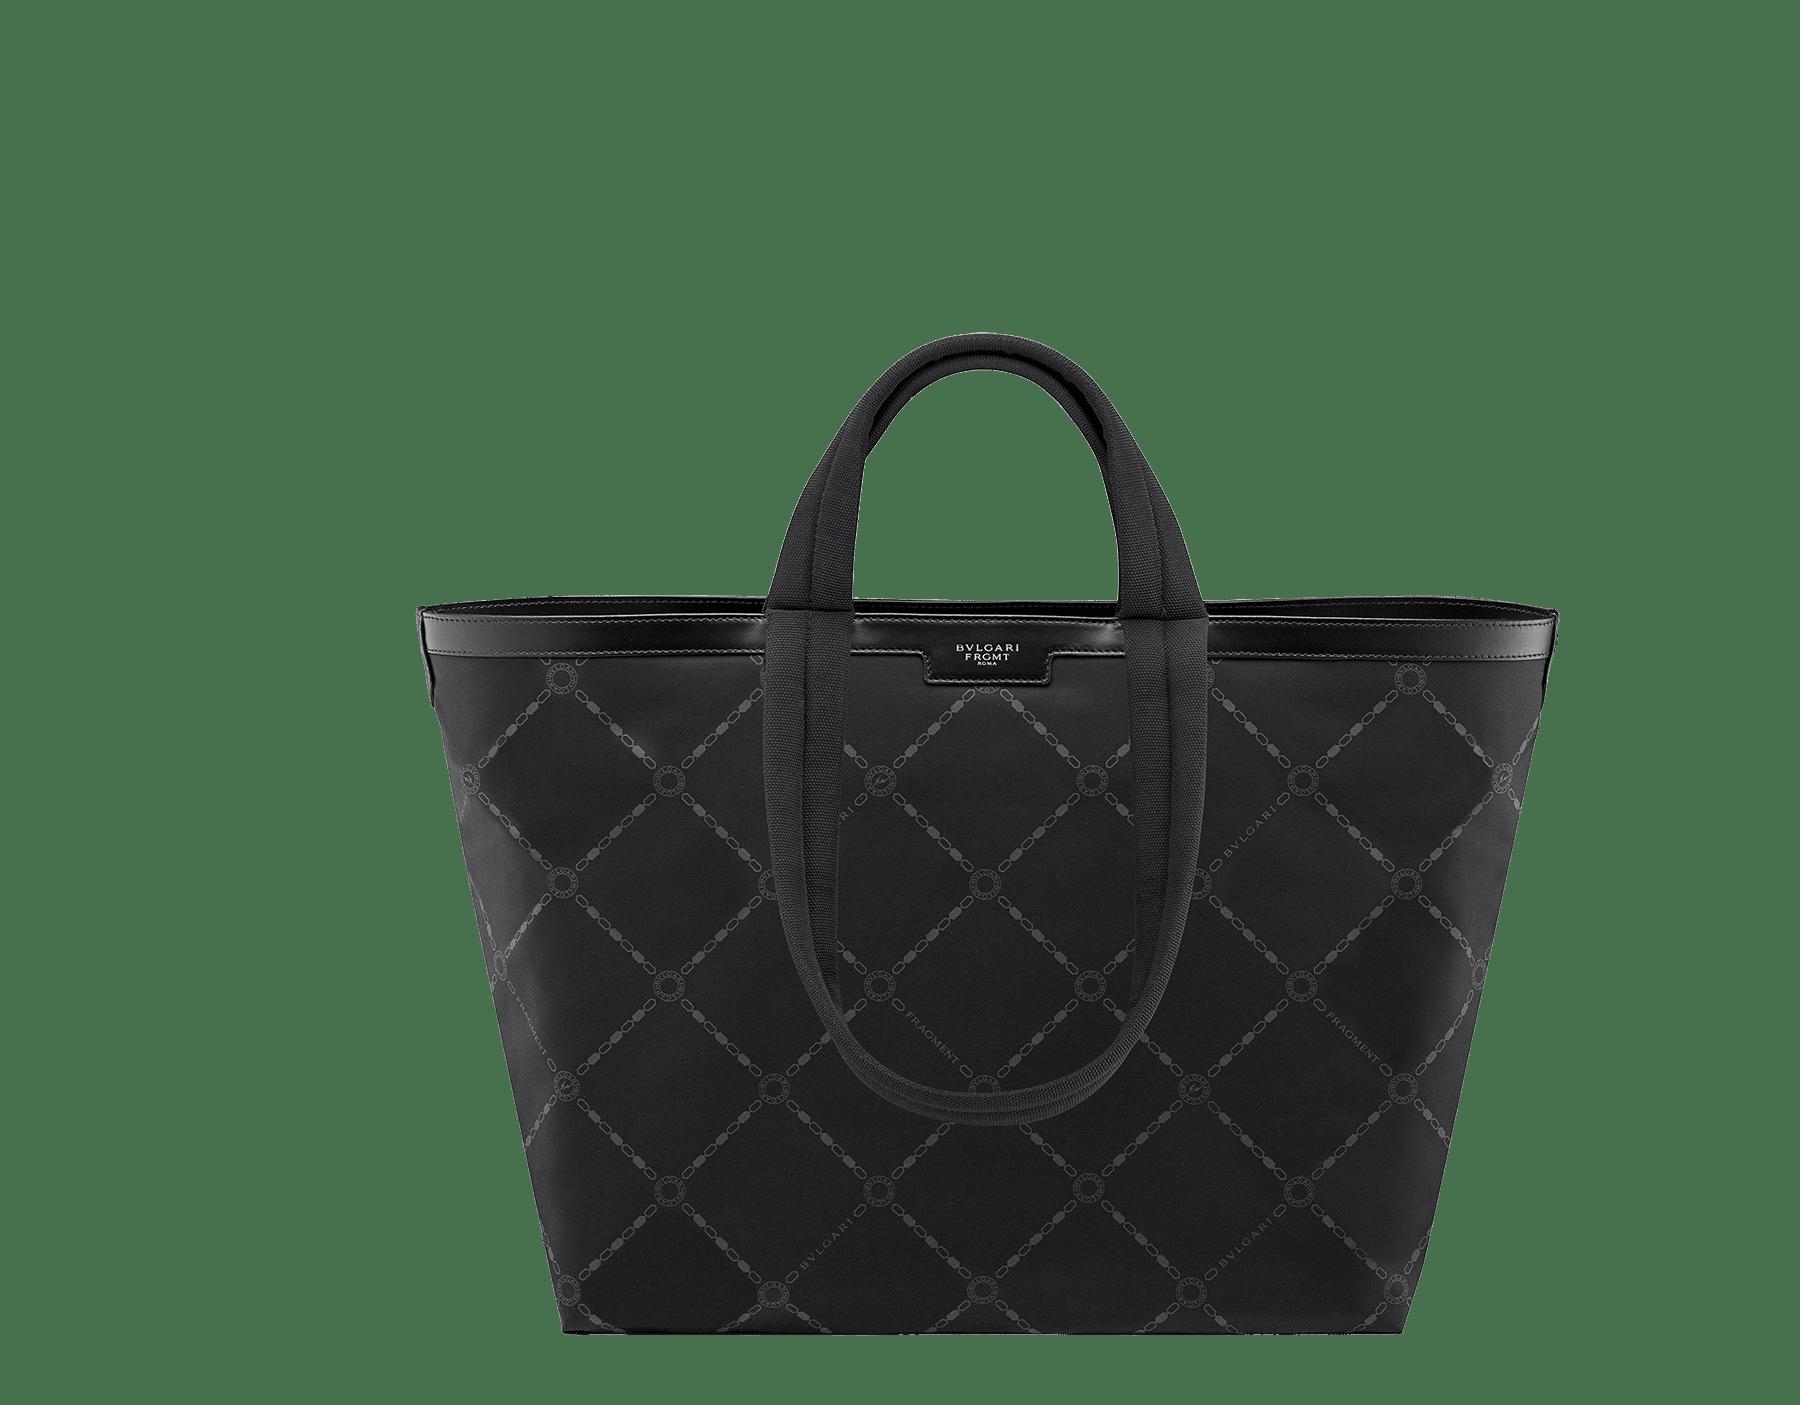 パラジウムプレートブラス製金具と「FRAGMENT」シルバースモールロゴが付いた ブラックパフィーナイロン製「FRAGMENT X BVLGARI by Hiroshi Fujiwara」ショッピングバッグ。 290772 image 4